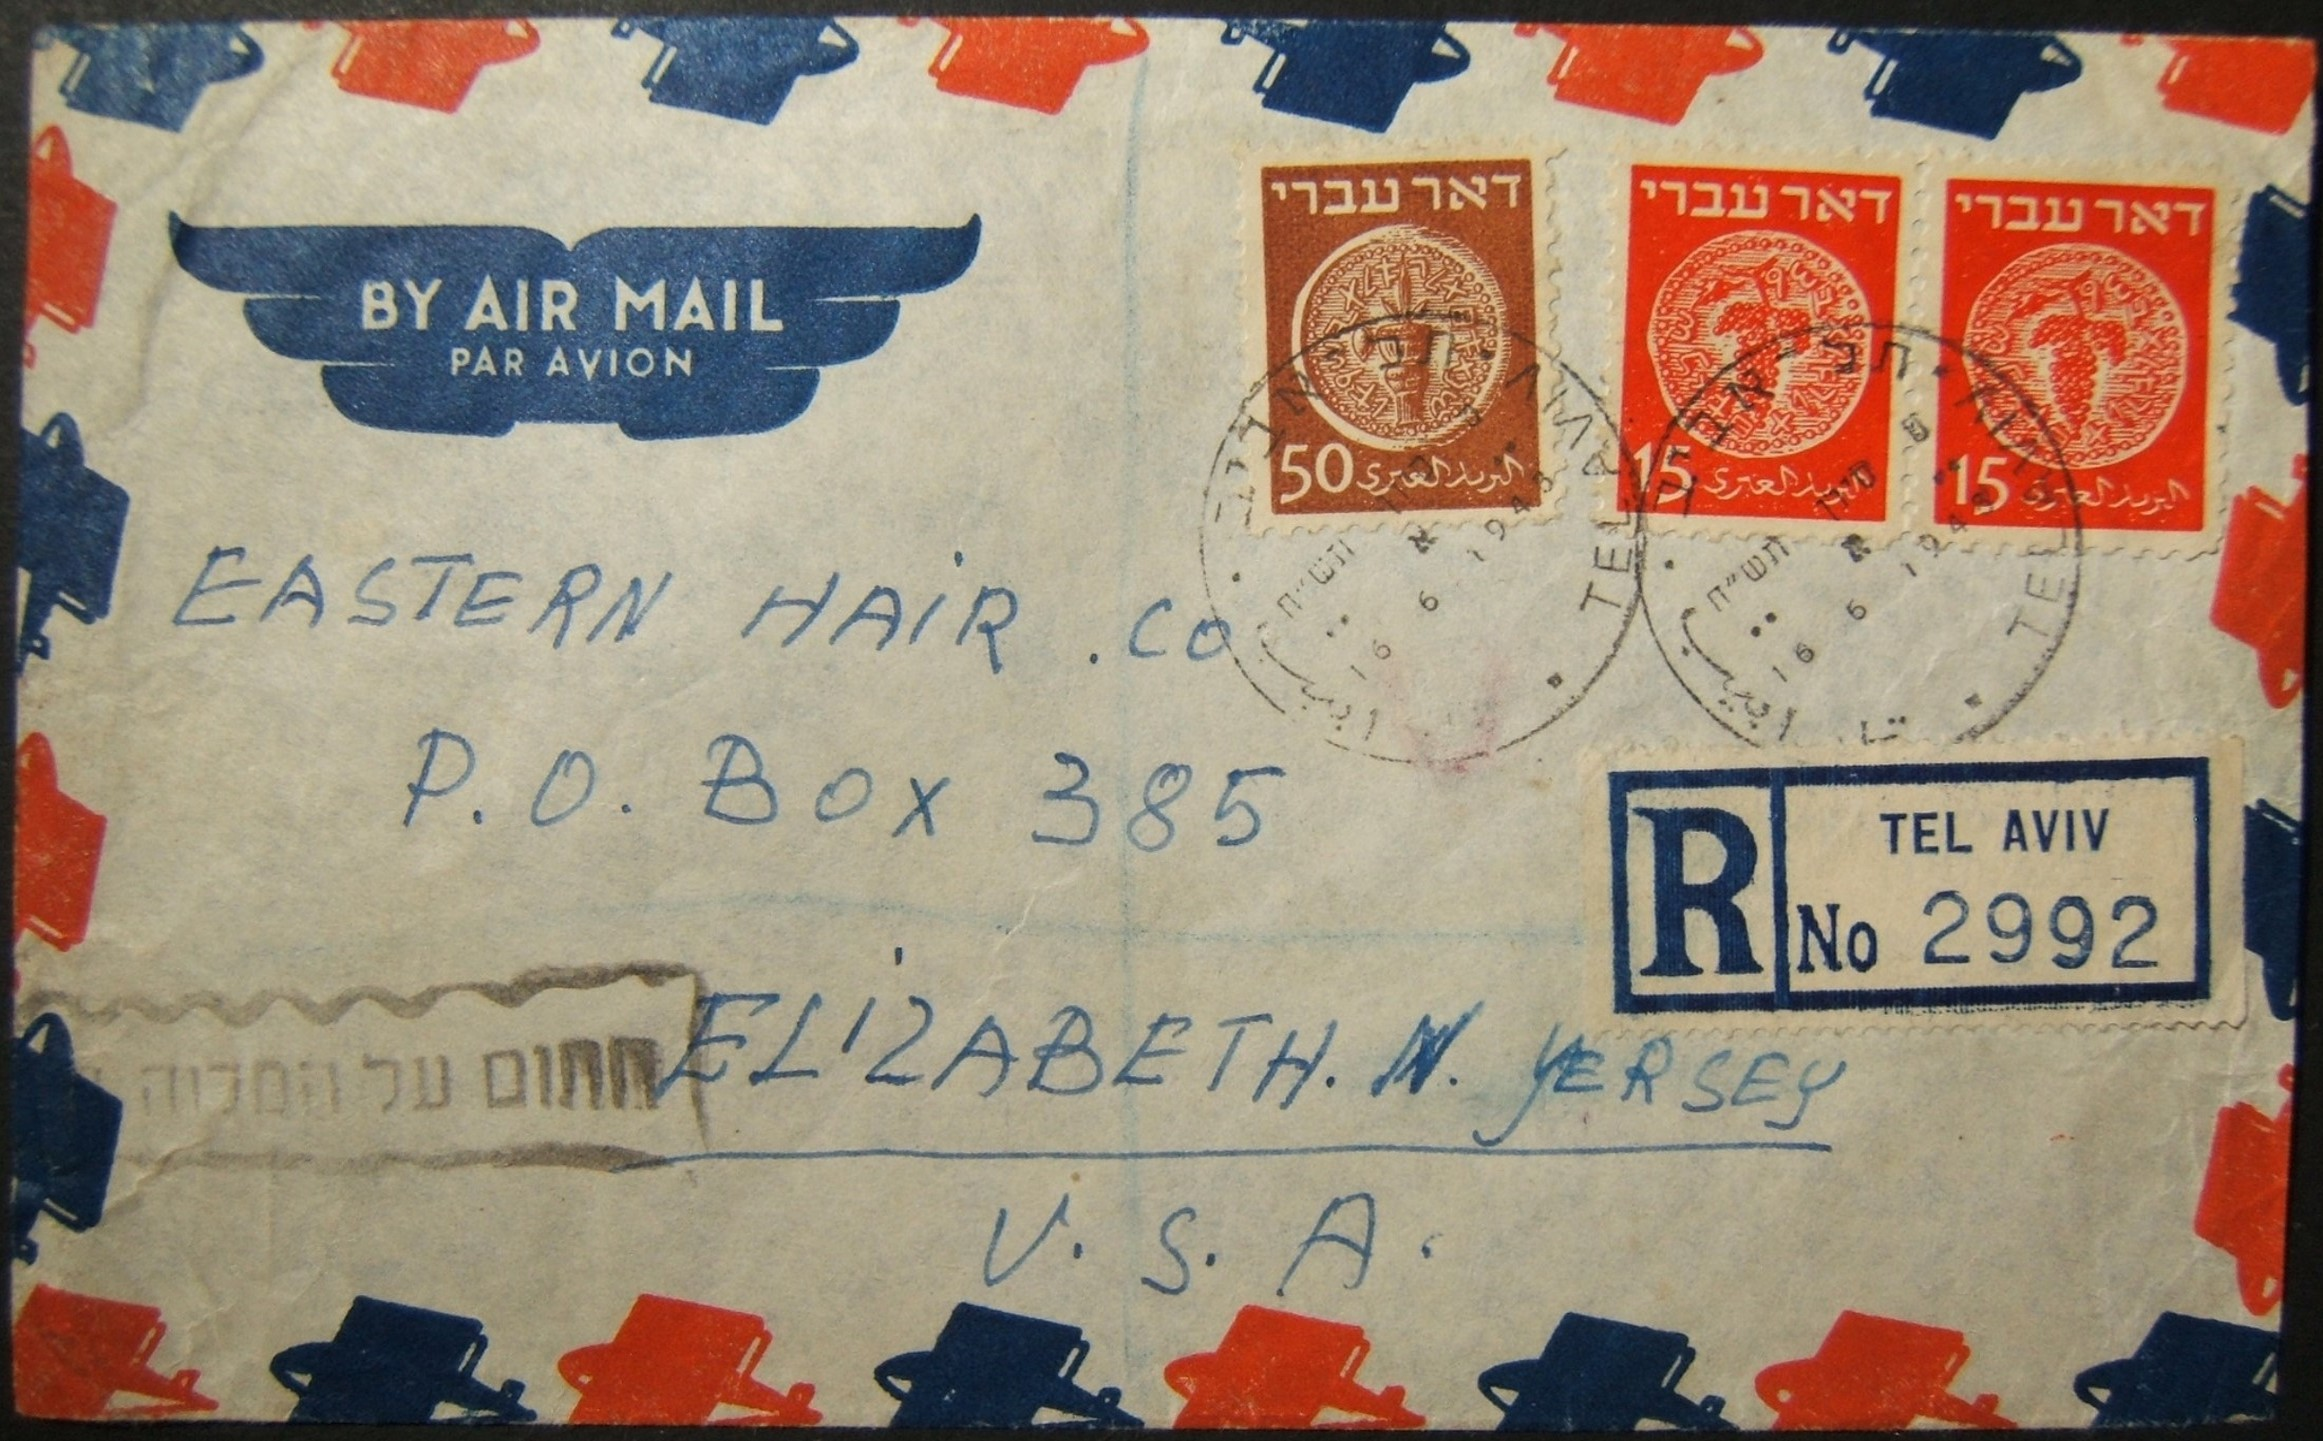 16-6-1948 דואר ישראלי מוקדם לאמריקה מתל אביב לניו-ג'רזי